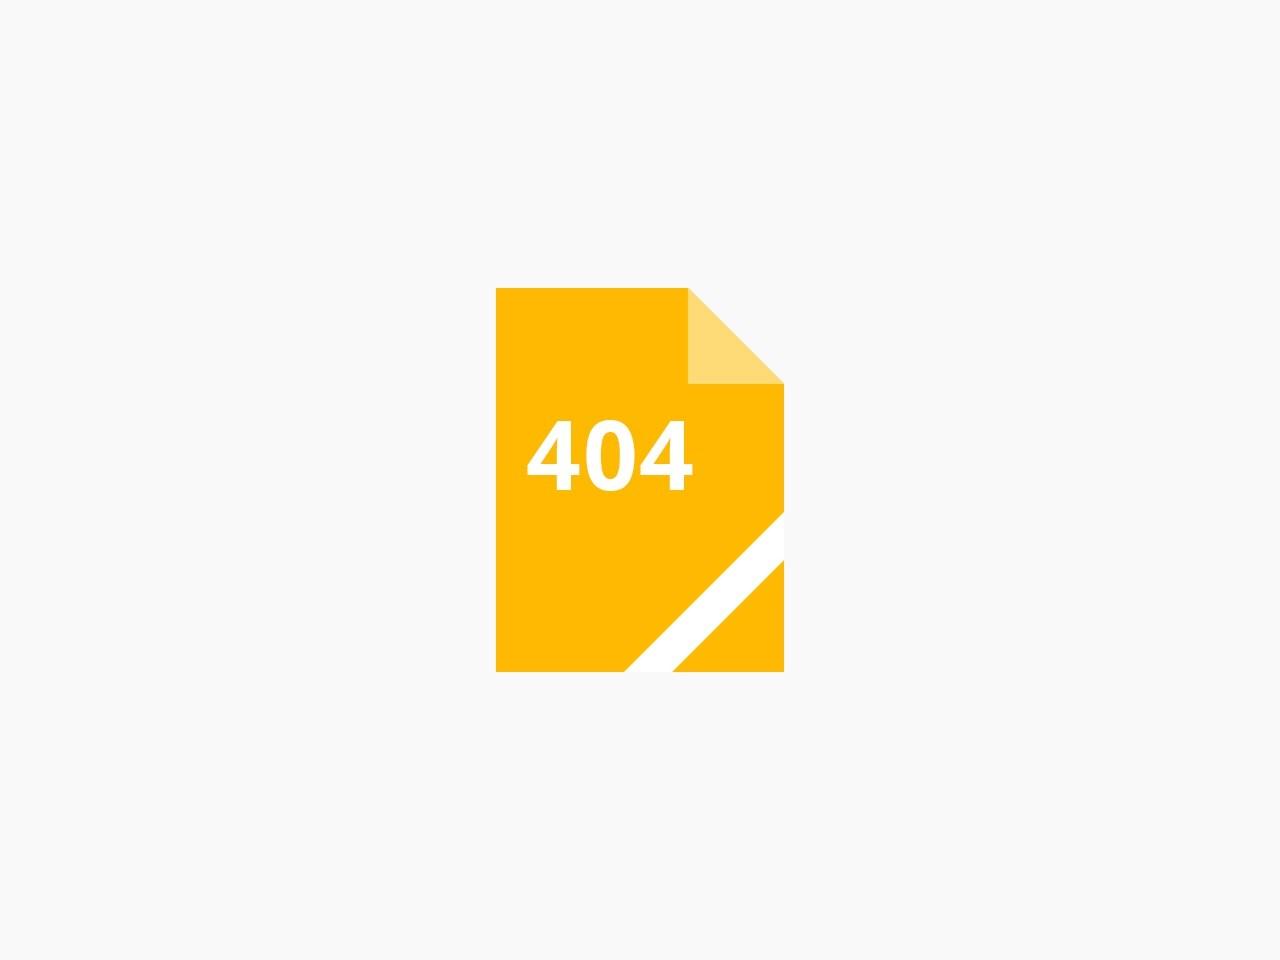 阿里云的服务器ip网段_nxuu01的专栏-CSDN博客